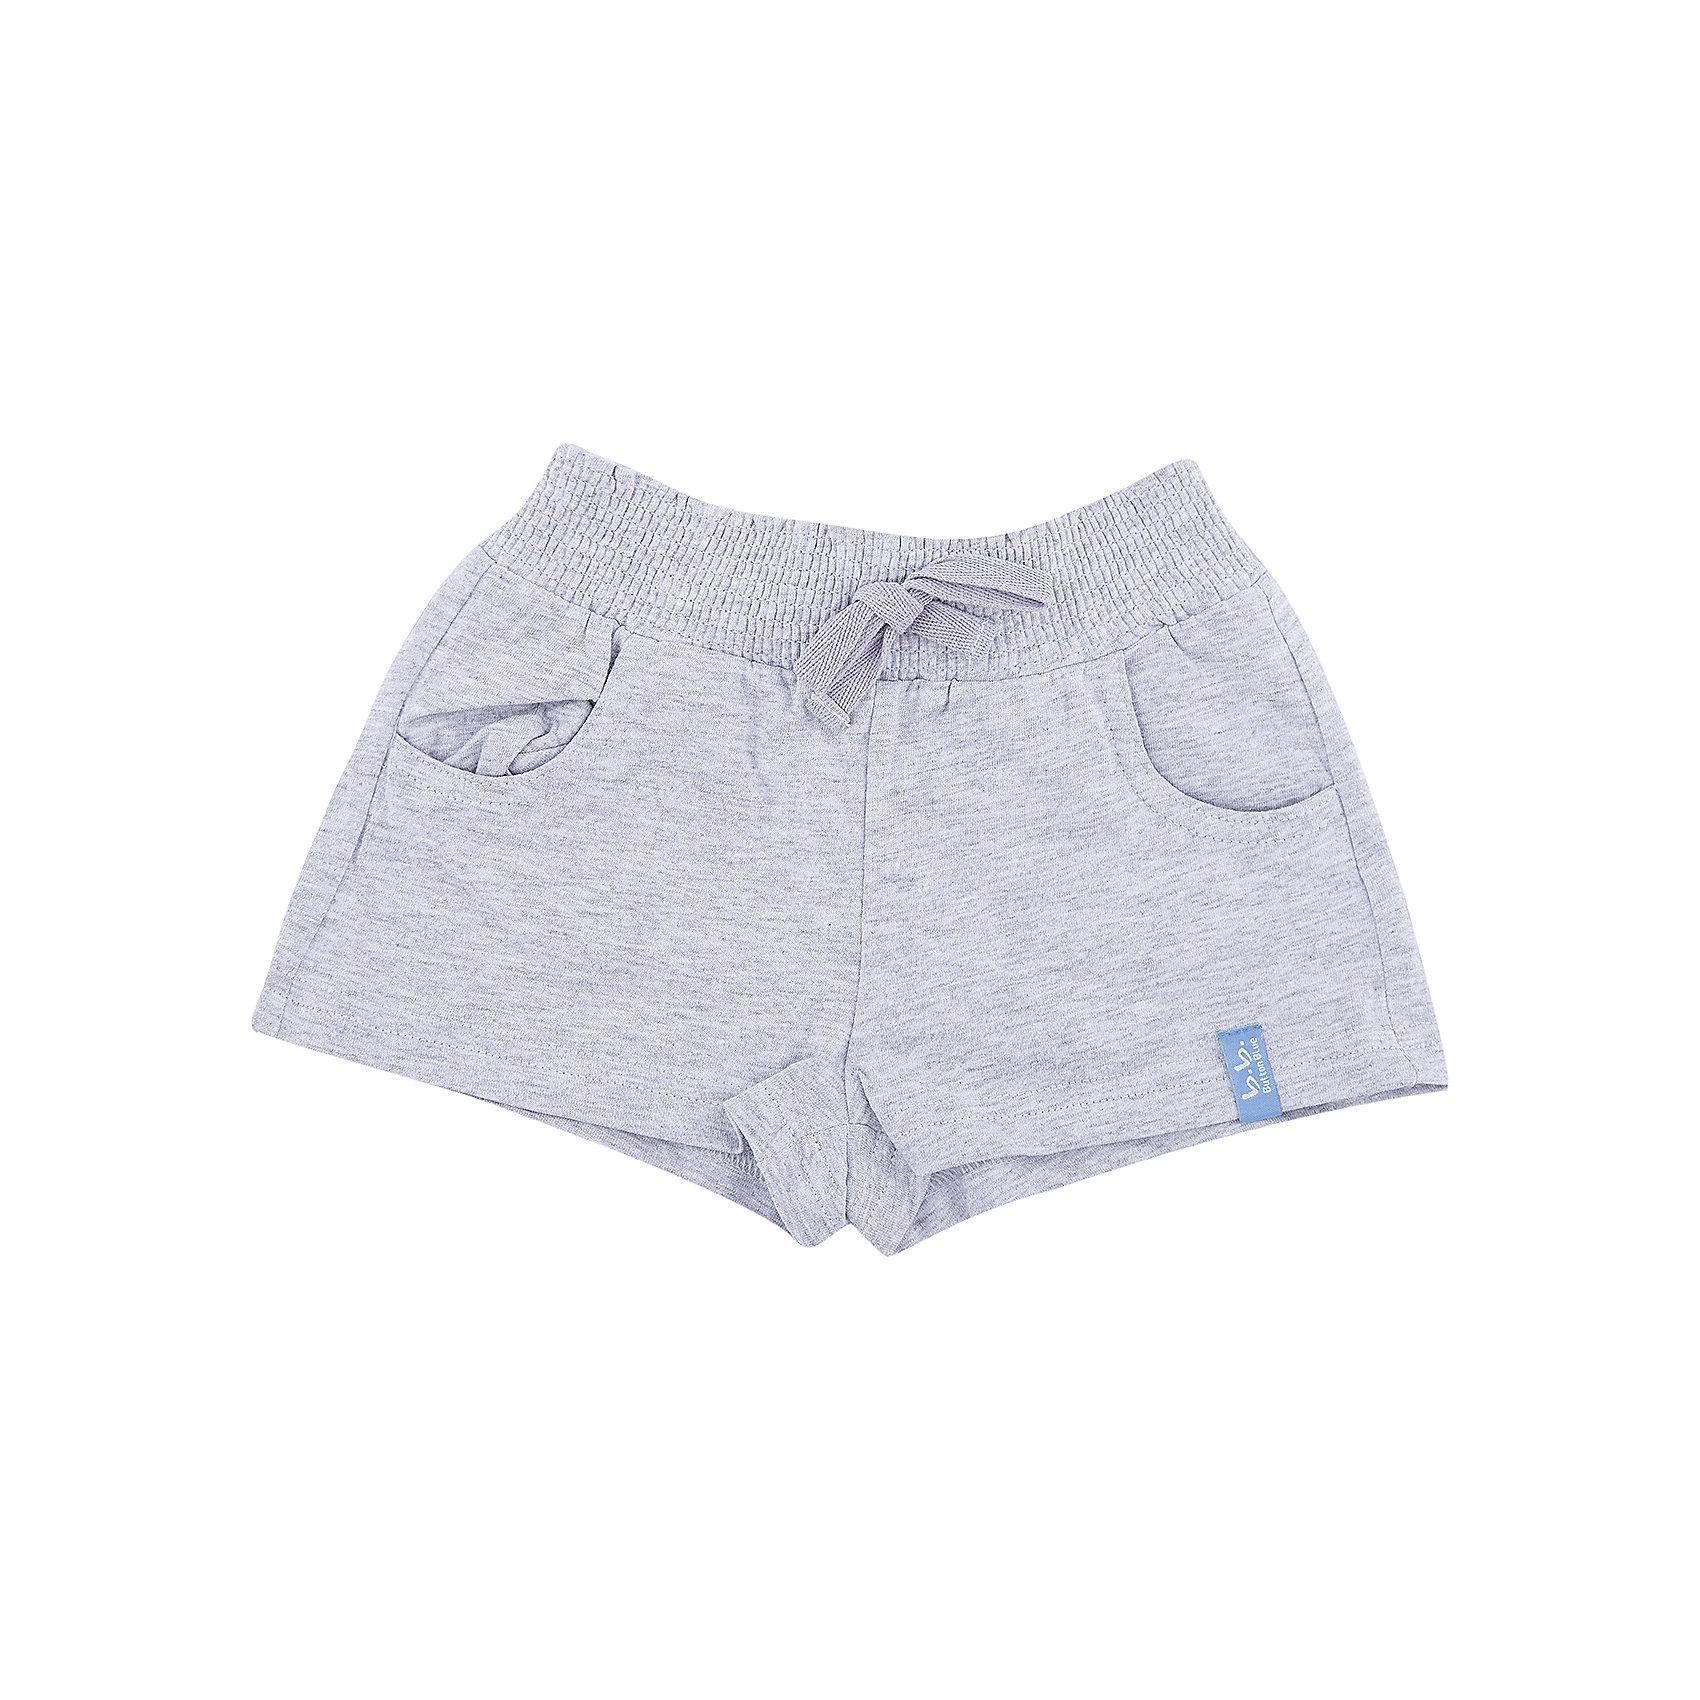 Шорты для девочки Button BlueДетские трикотажные шорты — образец комфорта! Шорты выполнены из серого меланжа, что позволяет им быть прекрасной парой для любой майки или футболки. Если вы хотите купить недорого удобные практичные серые шорты для девочки, эта модель — то, что нужно.<br>Состав:<br>95% хлопок 5%вискоза<br><br>Ширина мм: 191<br>Глубина мм: 10<br>Высота мм: 175<br>Вес г: 273<br>Цвет: серый<br>Возраст от месяцев: 36<br>Возраст до месяцев: 48<br>Пол: Женский<br>Возраст: Детский<br>Размер: 104,128,122,140,110,134,98,116<br>SKU: 4510059